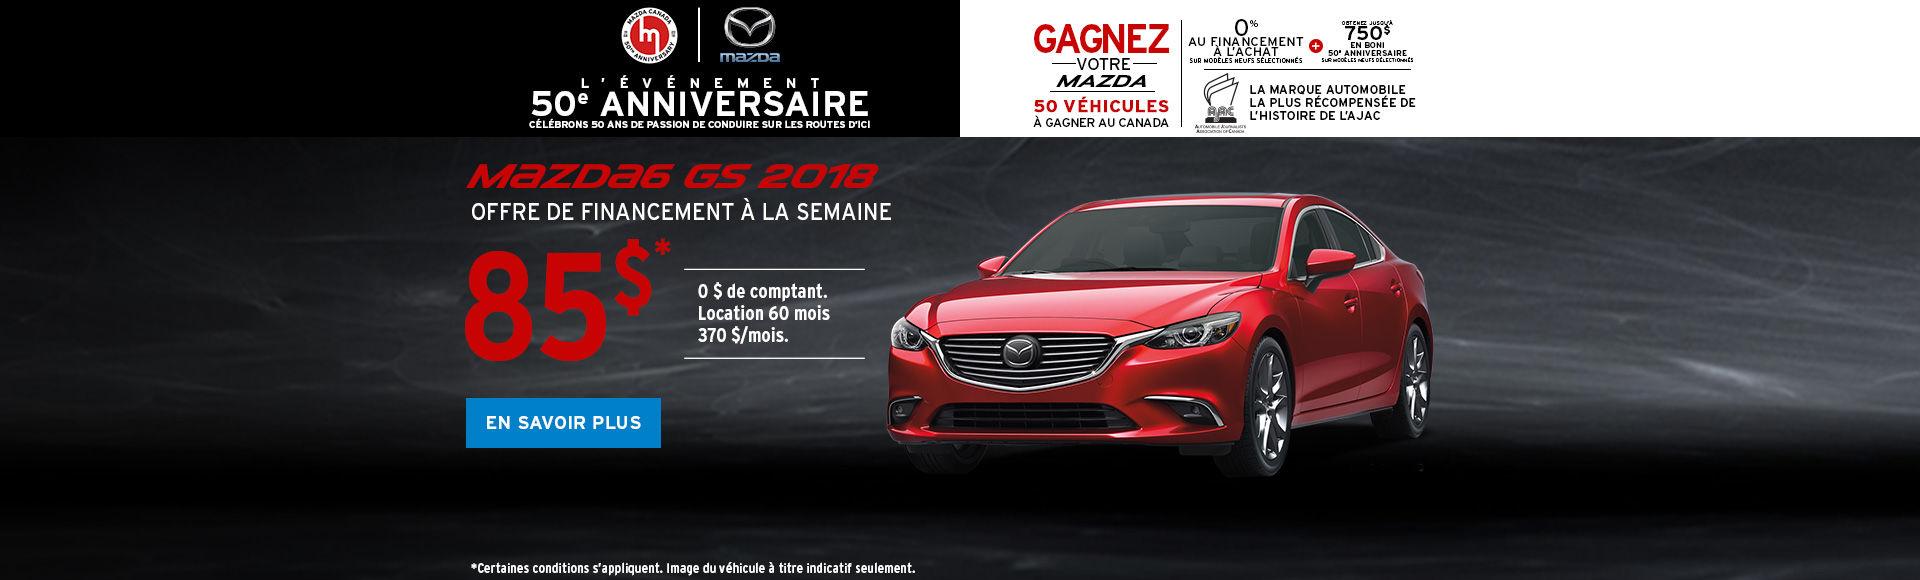 Obtenez la Mazda6 2018